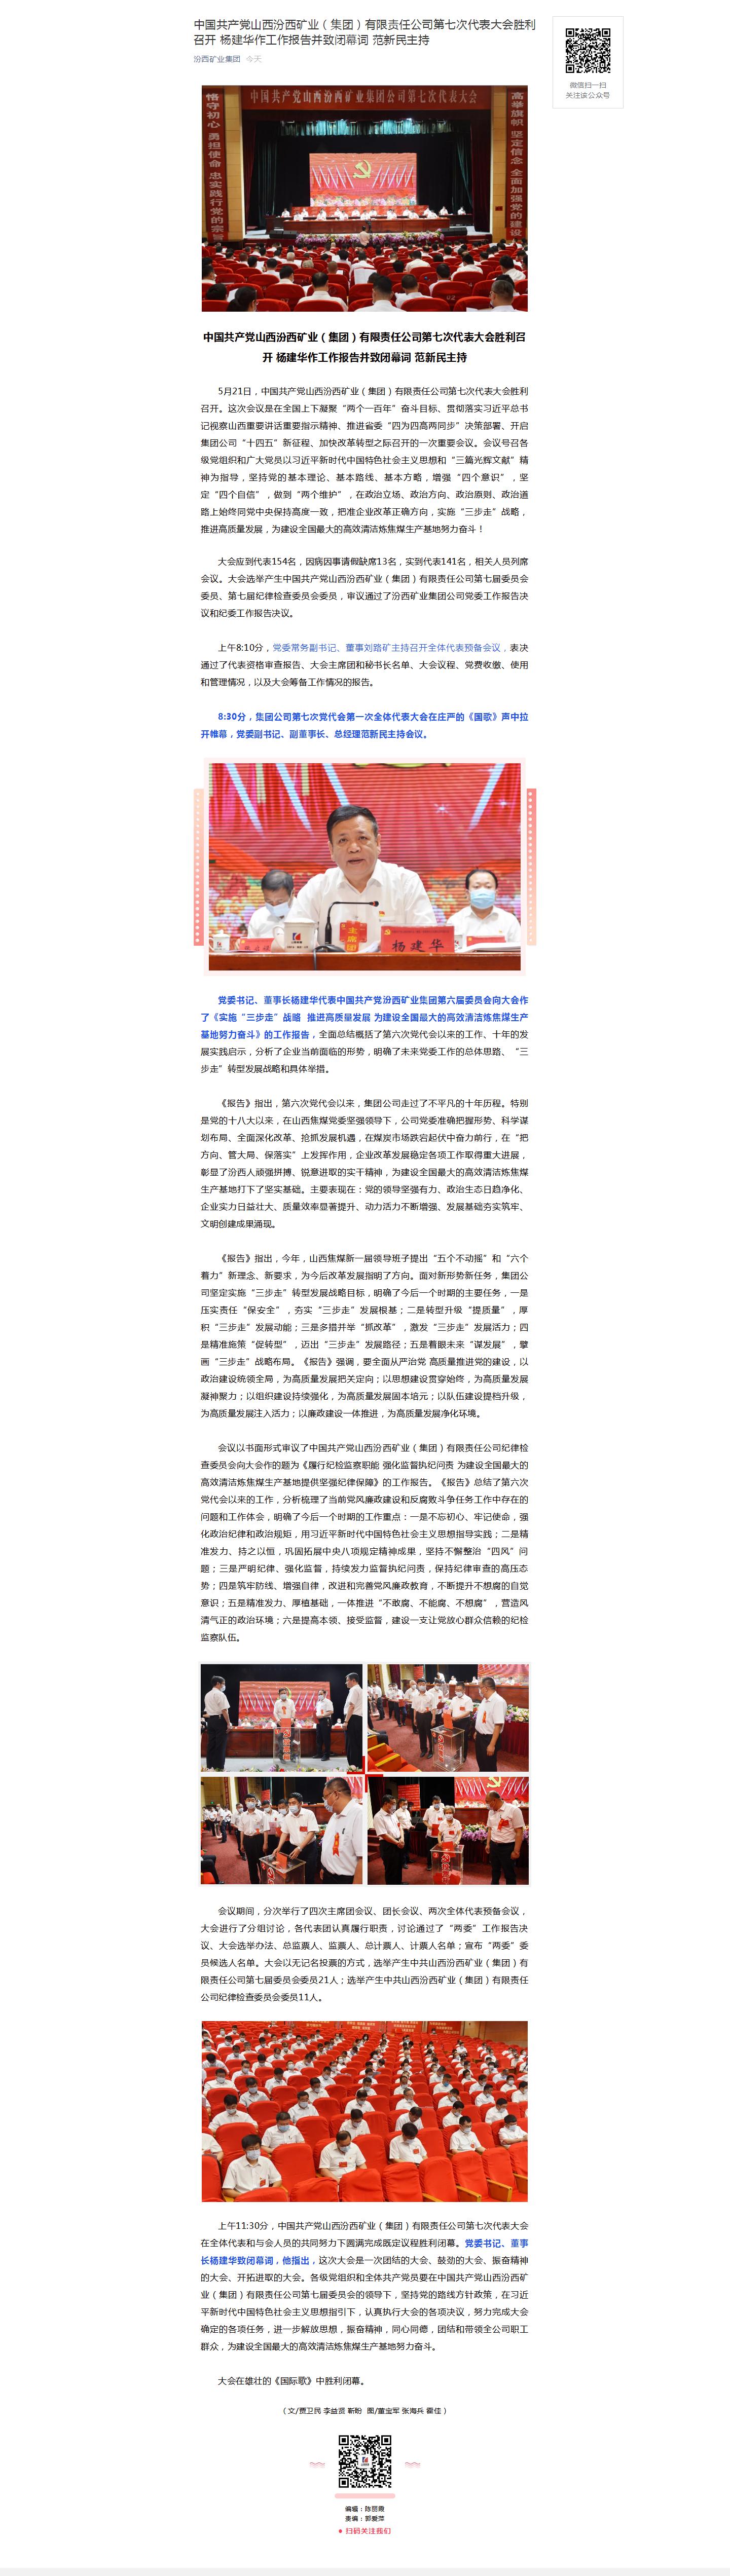 中国共产党山西汾西矿业(集团)有限责任公司第七次代表大会胜利召开 杨建华作工作报告并致闭幕词 范新民.png